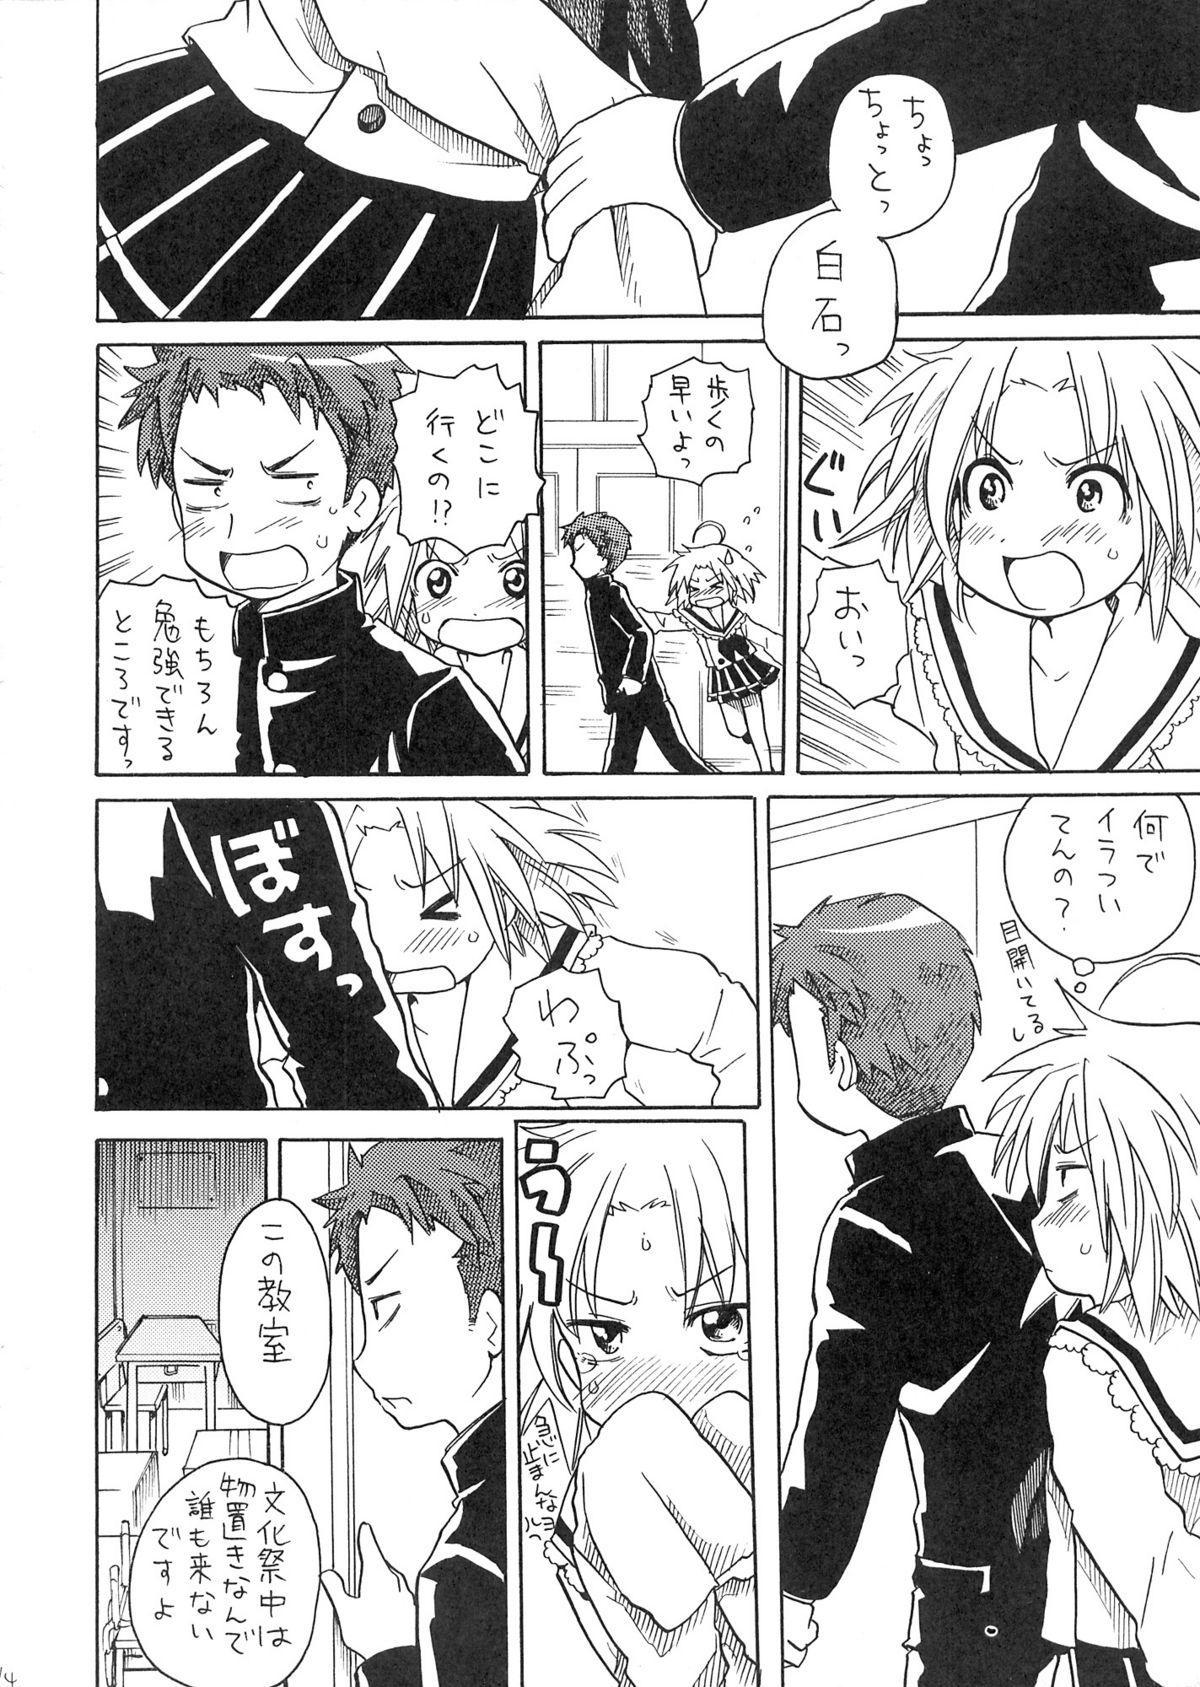 Akira-sama no Yuuutsu 13